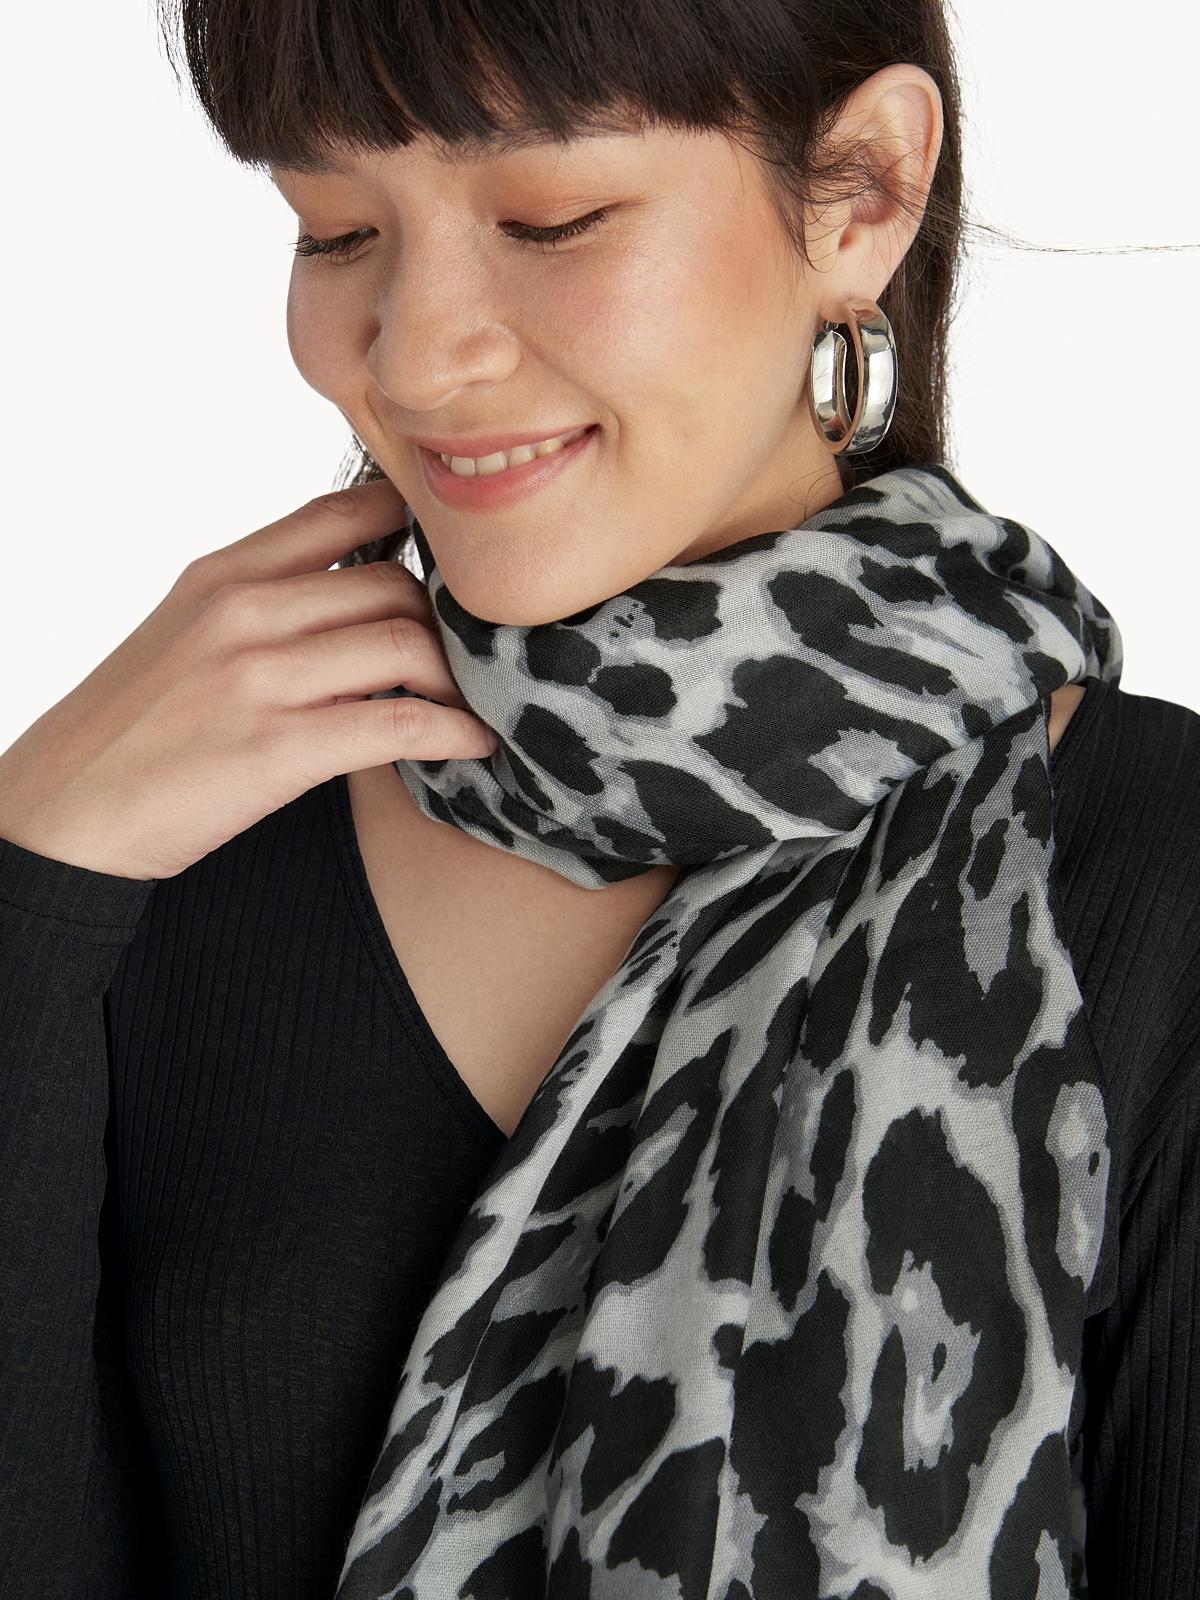 51450f585ab84 Accessories - Pomelo Fashion